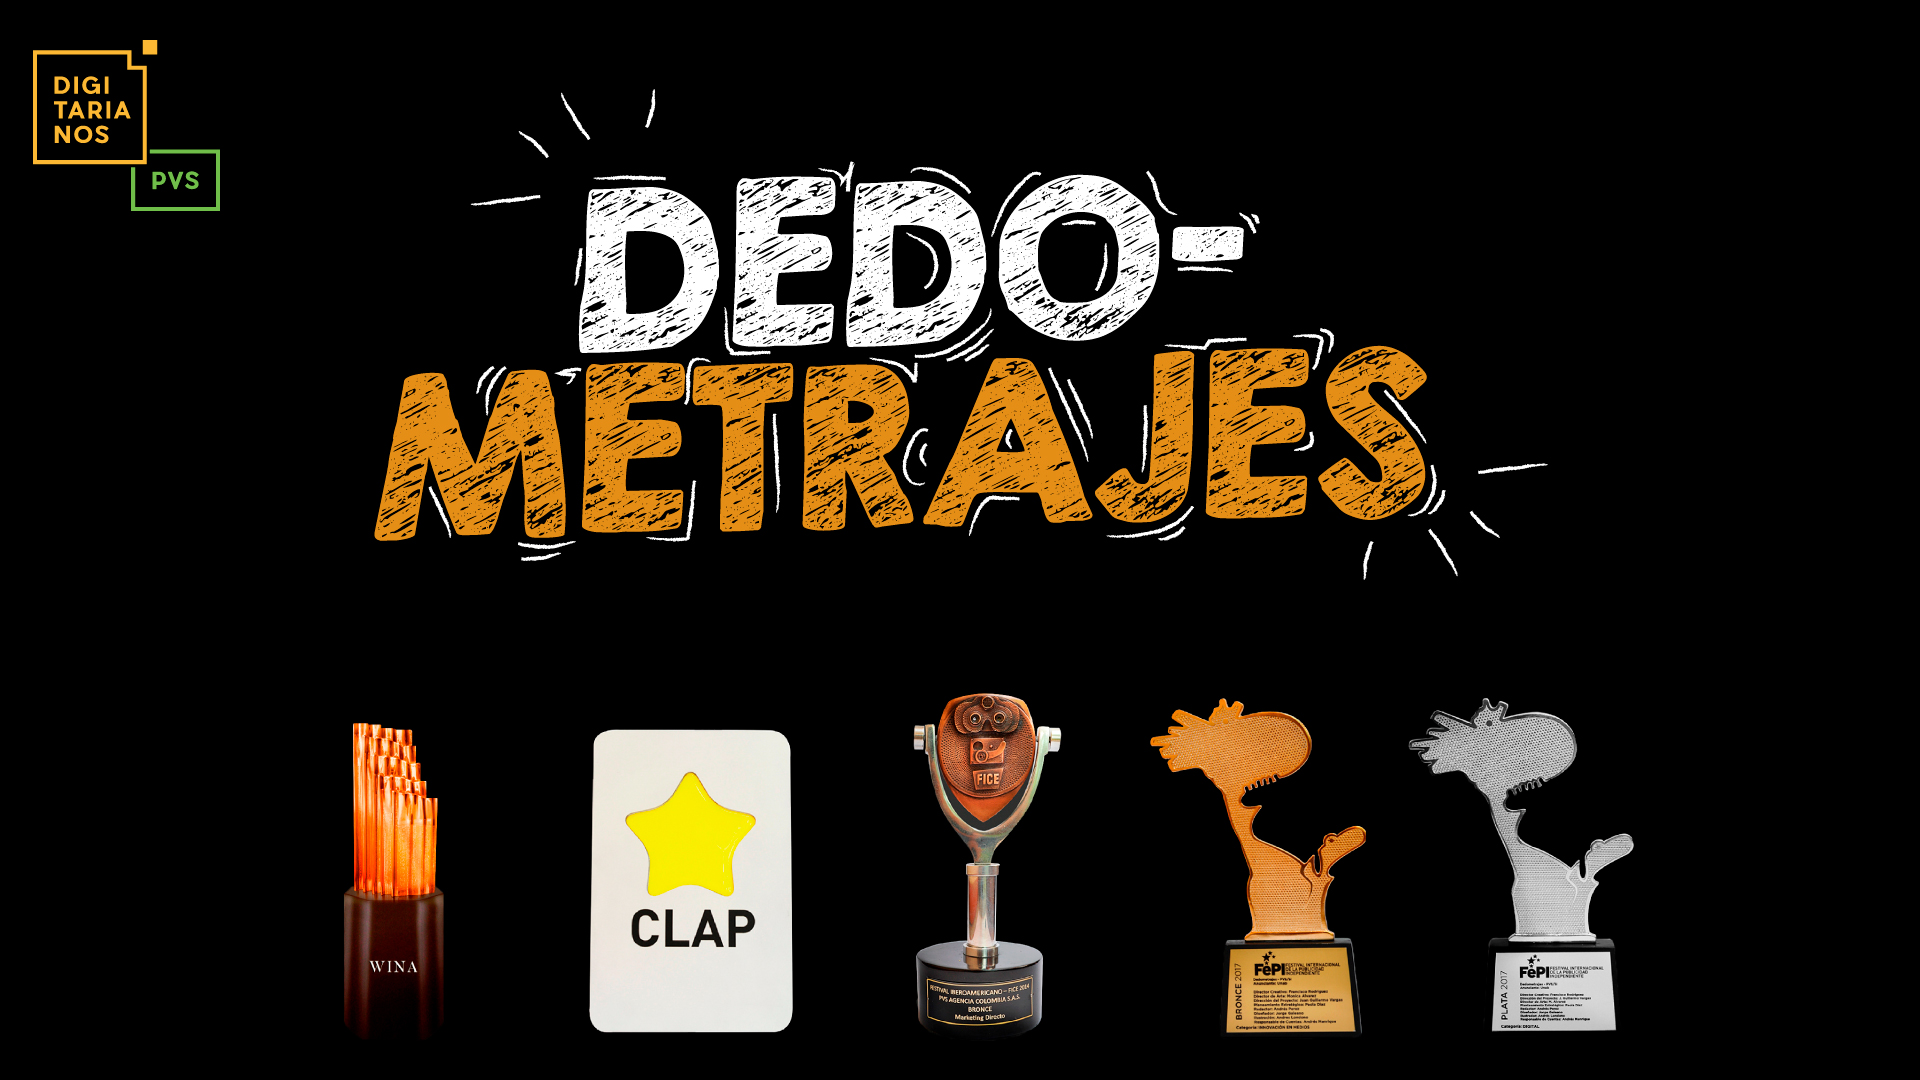 Dedometrajes gana premios internacionales: FICE, FEPI y WINA